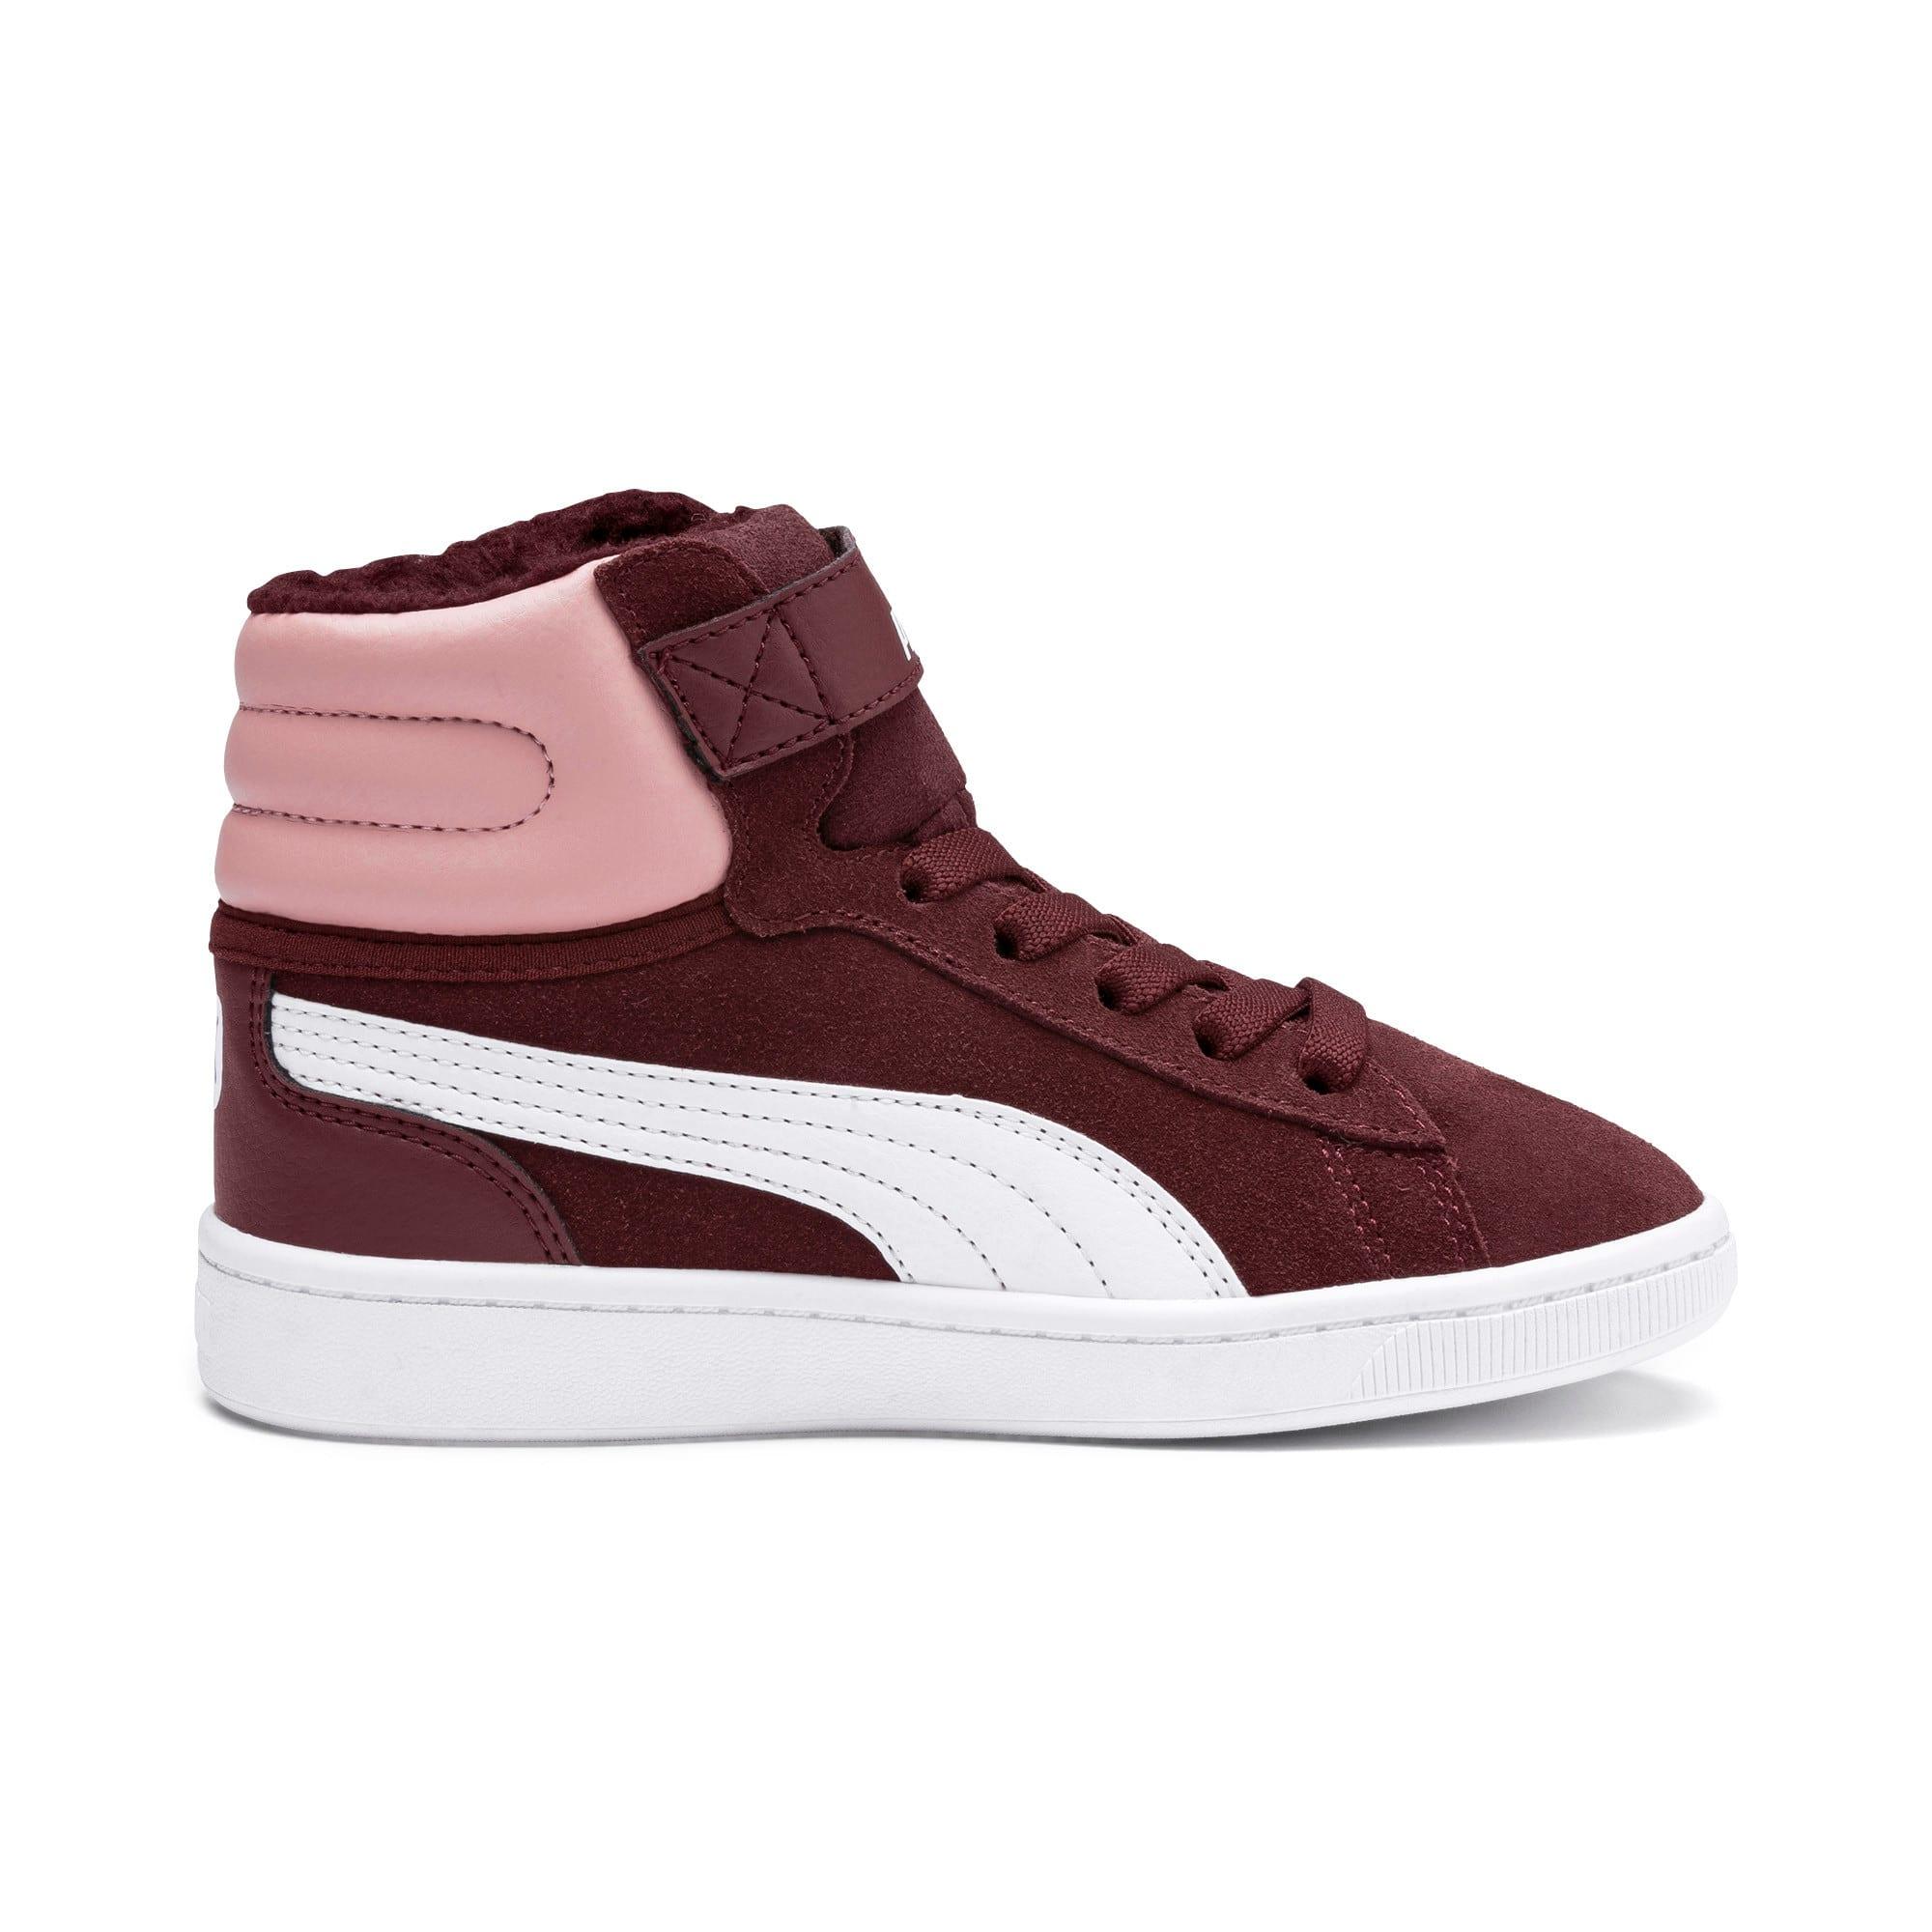 Thumbnail 5 of PUMA Vikky v2 Mid Fur Little Kids' Shoes, Vineyard Wine-B Rose-White, medium